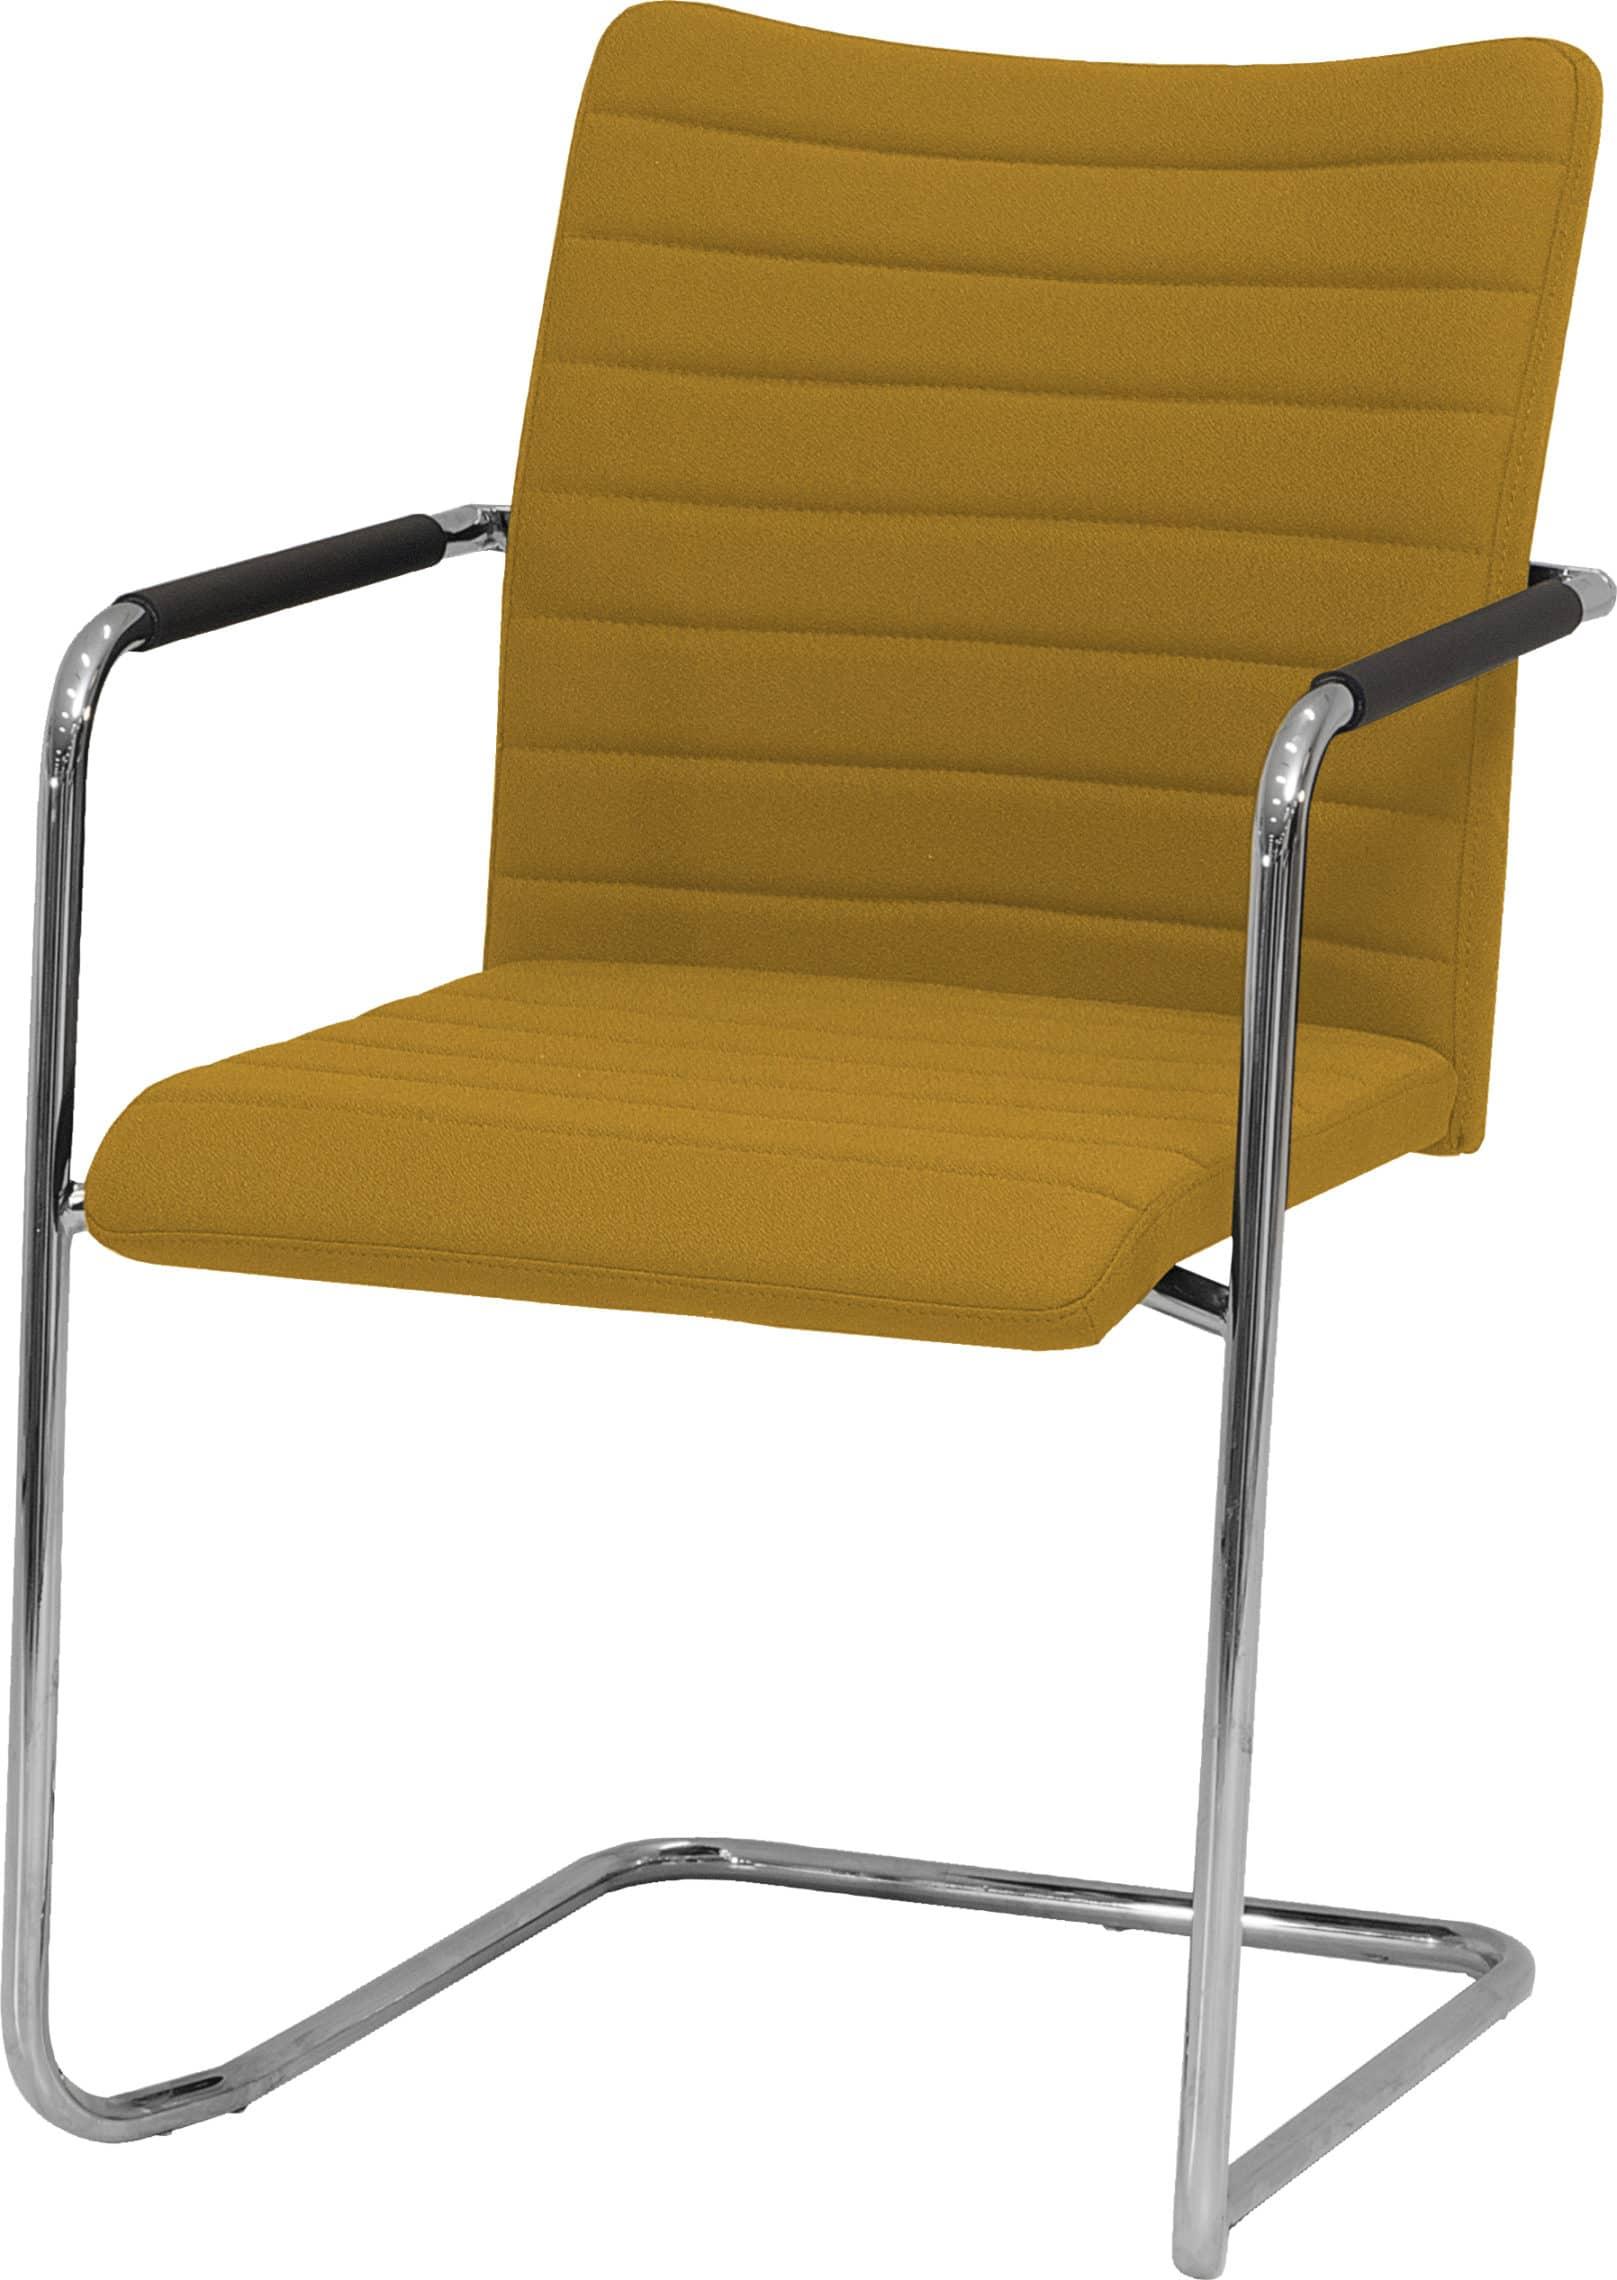 KÖHL Tempeo bureaustoel goed zitten voor nette prijs